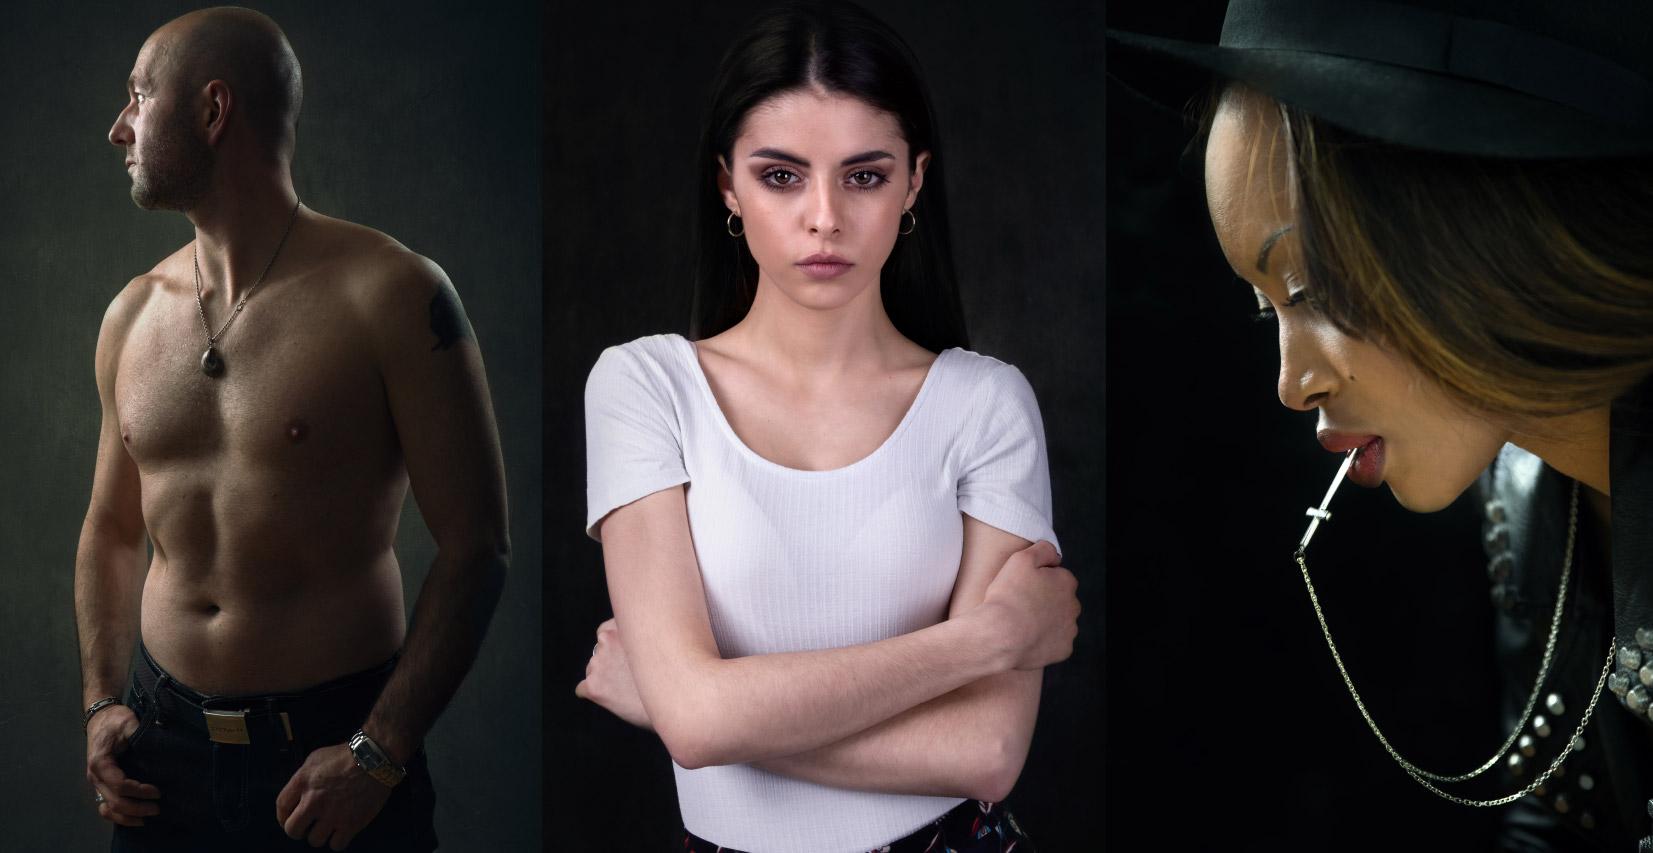 Série de trois portraits photos thématiques, un homme tors nu et deux femmes, réalisés en studio à Carcassonne puis traités en compositing avec Photoshop